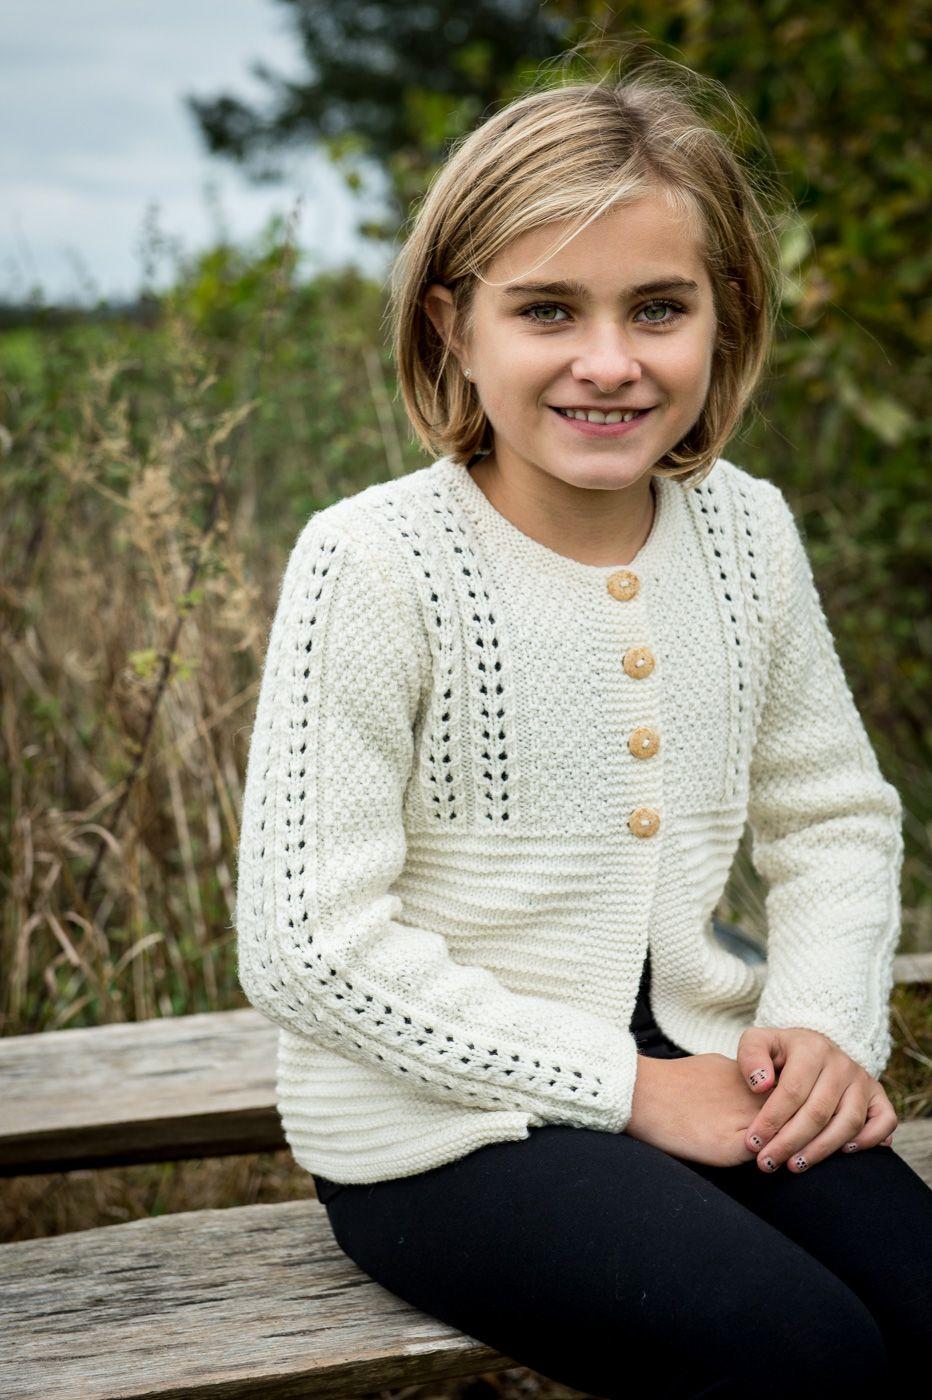 128-2 Elegant pigetrøje med hulmønster strikket i Mayflower Easy Care Classic.  Køb kids kataloget med opskrifter hos din lokale Mayflower forhandler. ( Strik, yarn, knitting )